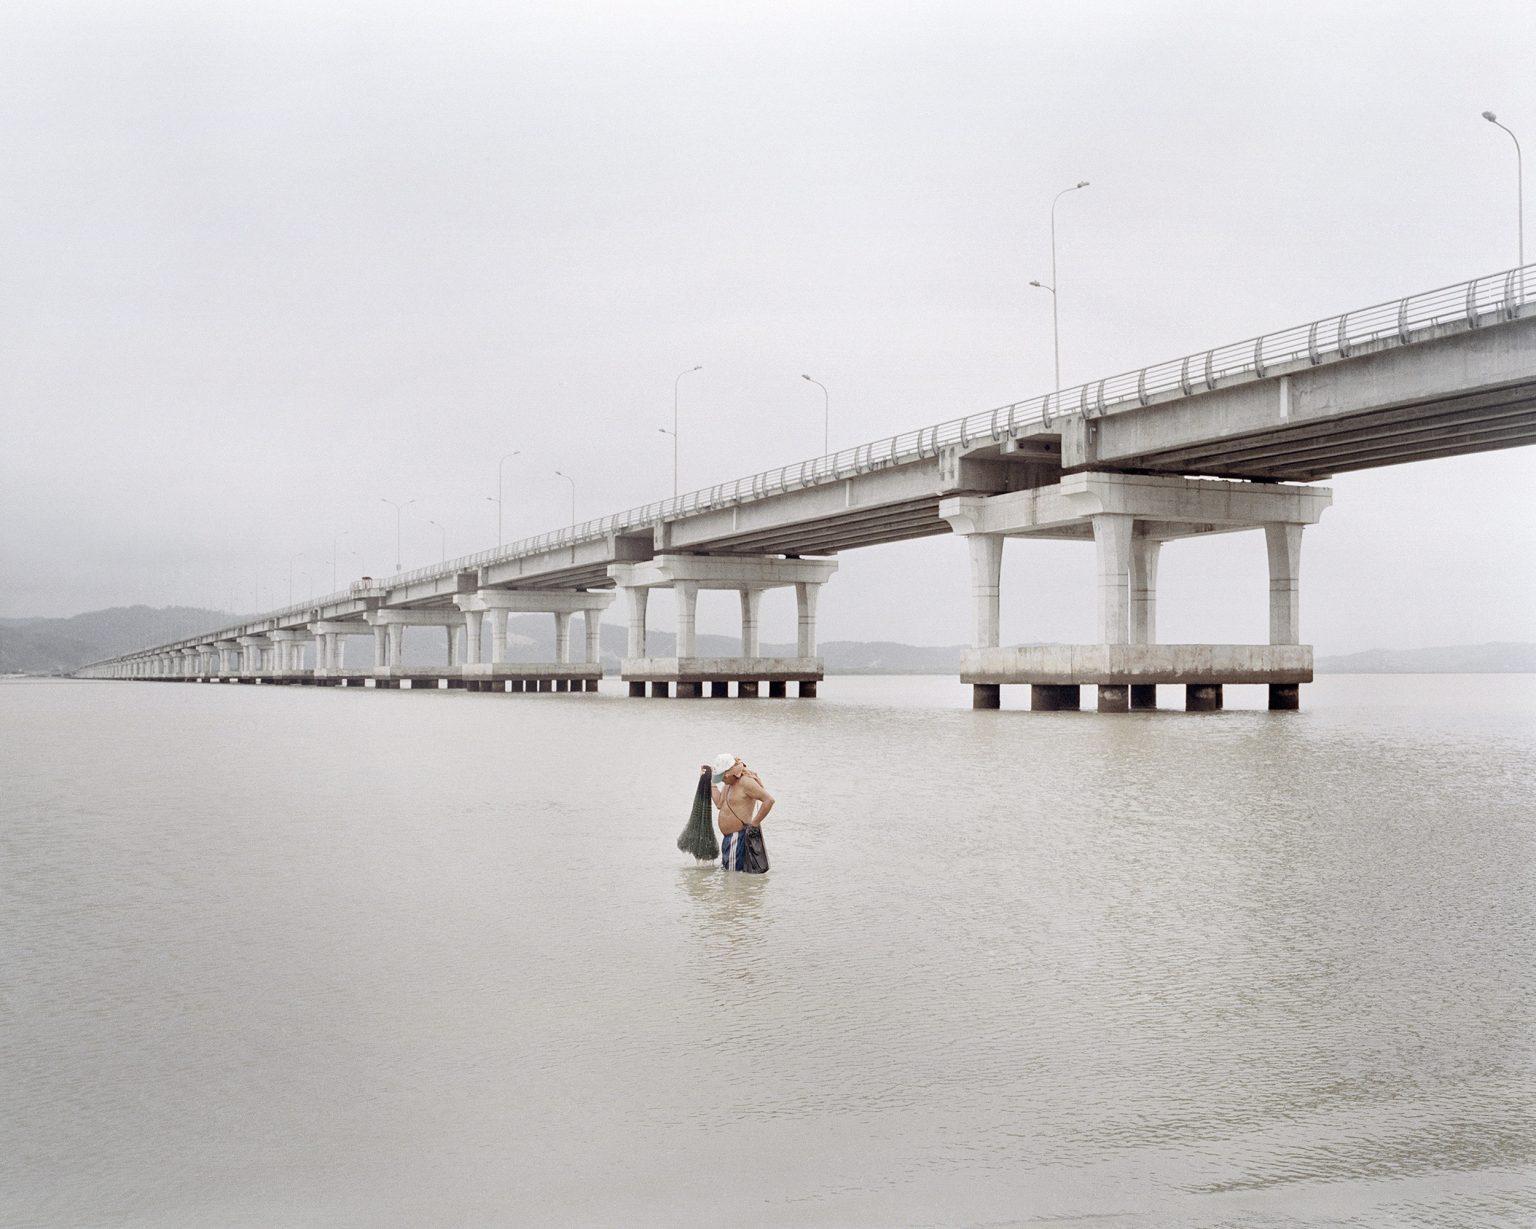 Un pescatore di gamberi sotto il nuovo ponte costruito dal governo sulla baia di Caràquez. Ottobre 2012  A shrimp fisherman under the new bridge built by the government of the Bay of Caraquez. October 2012